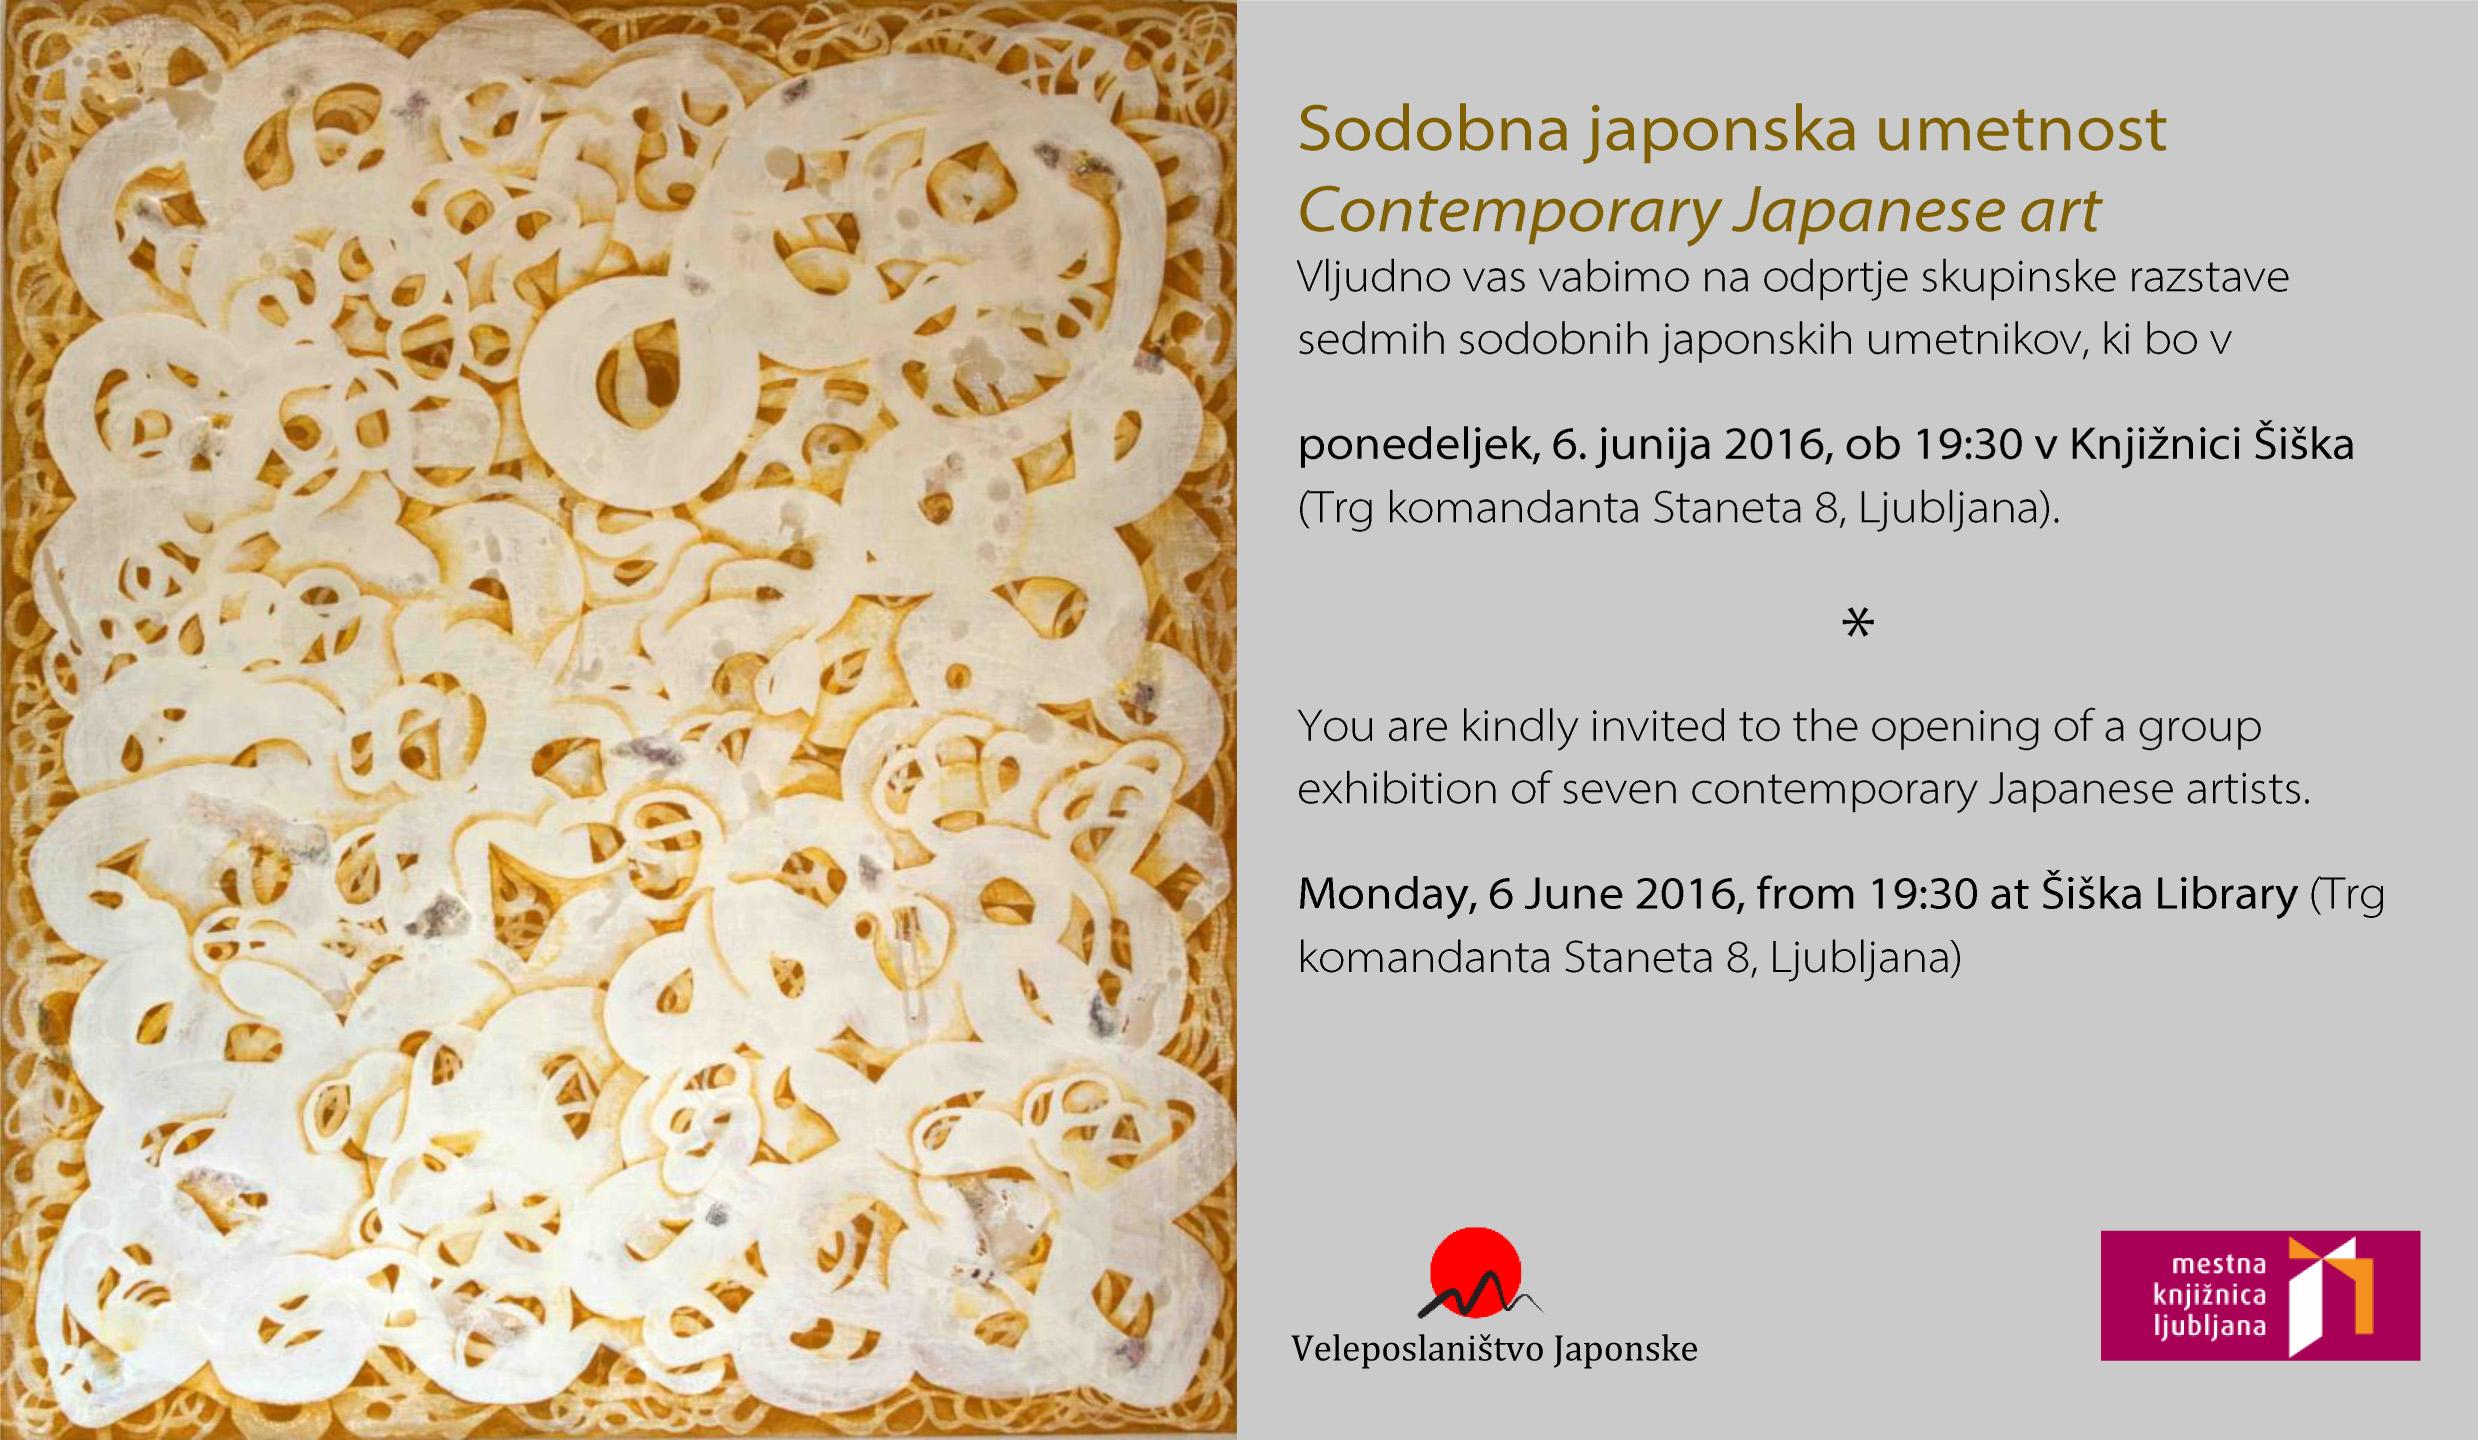 SODOBNA JAPONSKA UMETNOST, Ljubljana / likovna razstava